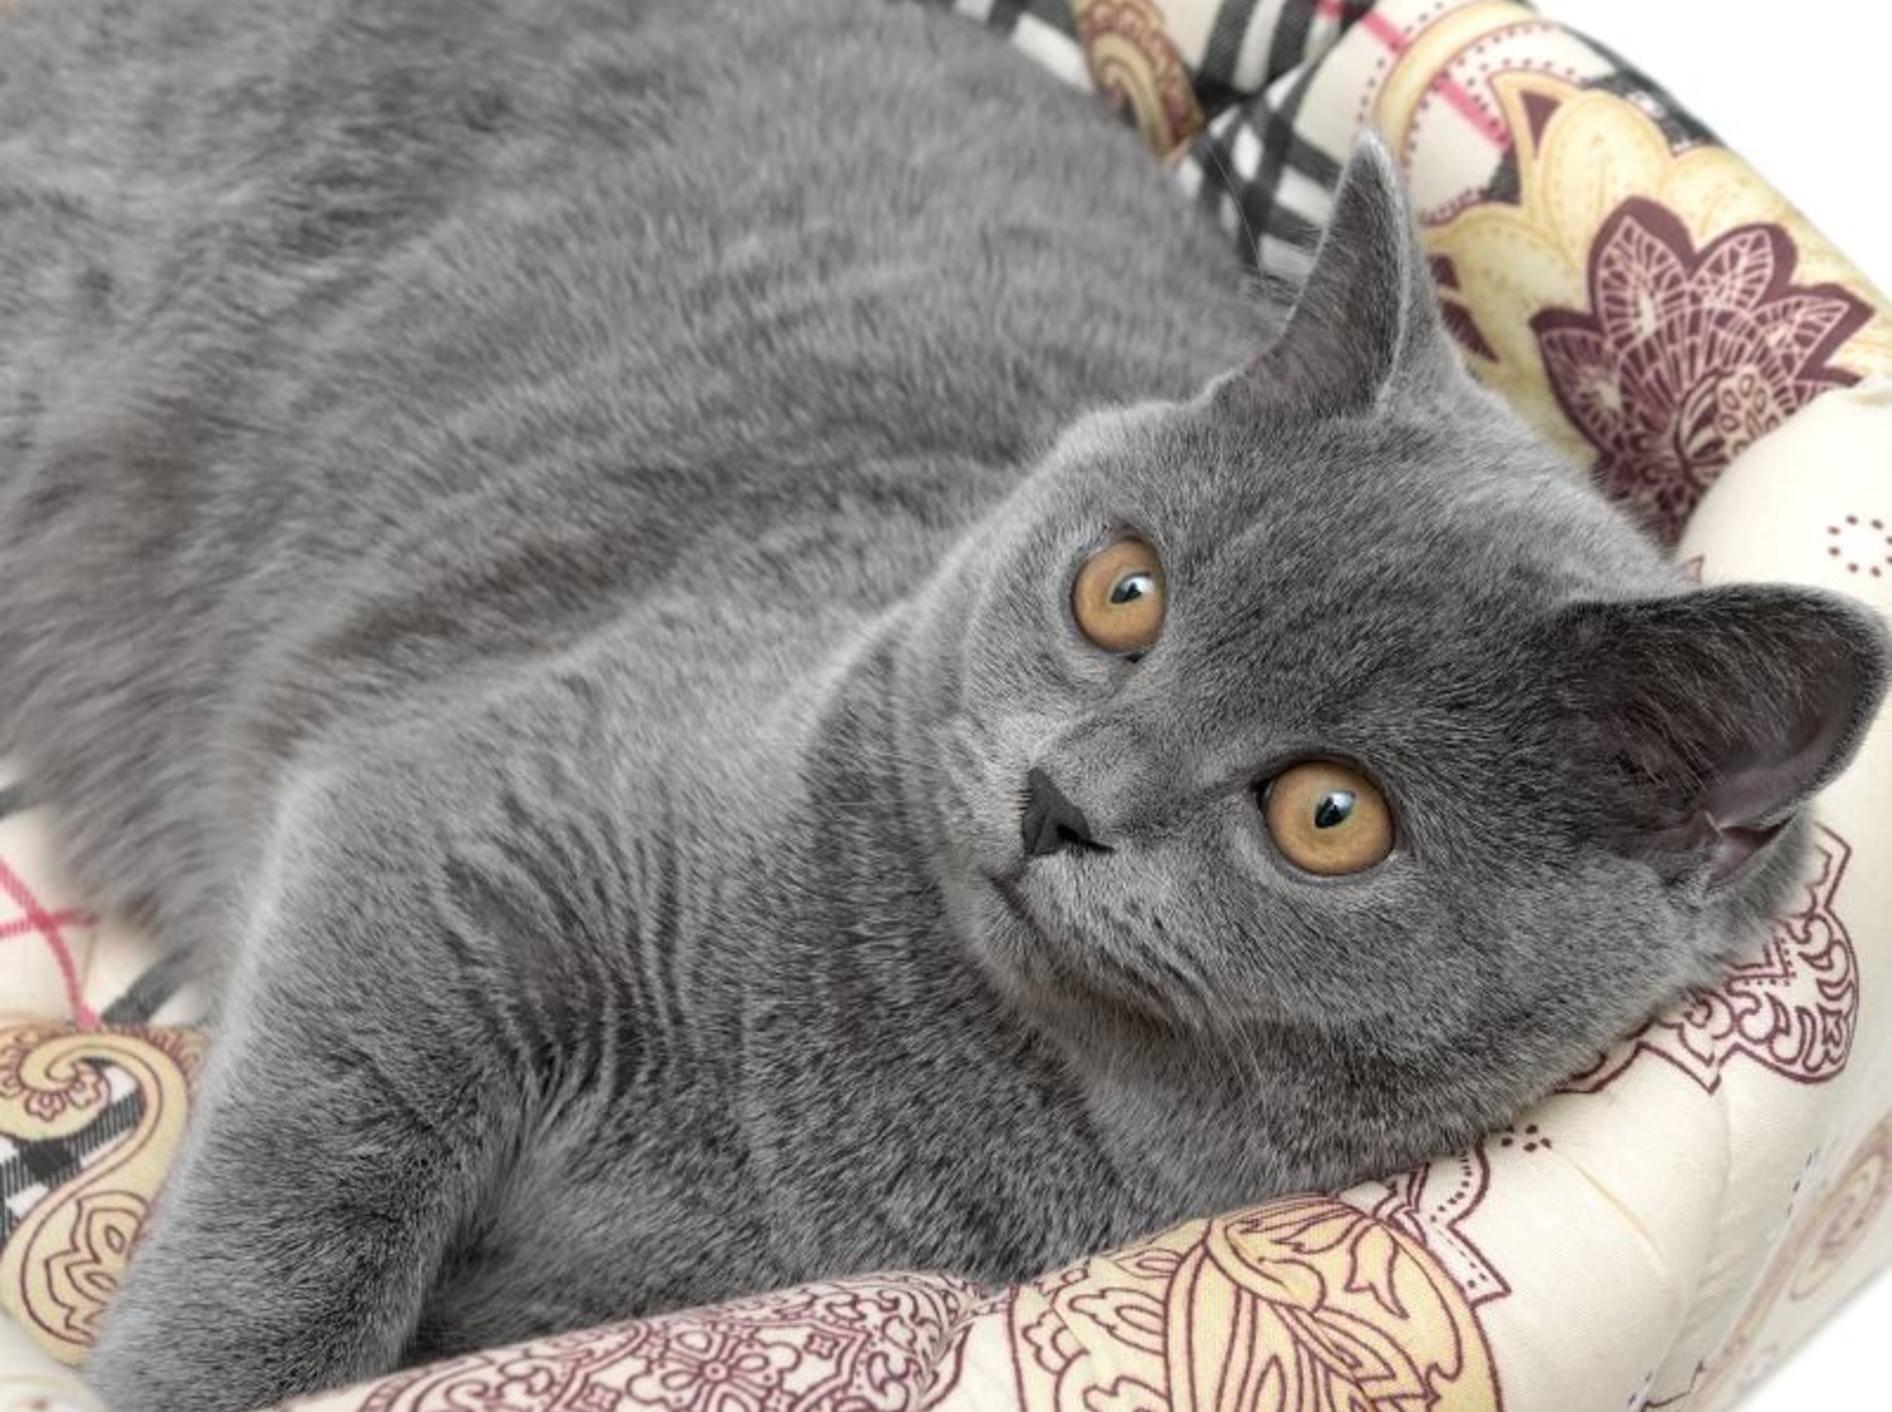 Ein gesundes Katzenfell ist dicht, glänzend und schuppenfrei – Bild: Shutterstock / Evgenyi